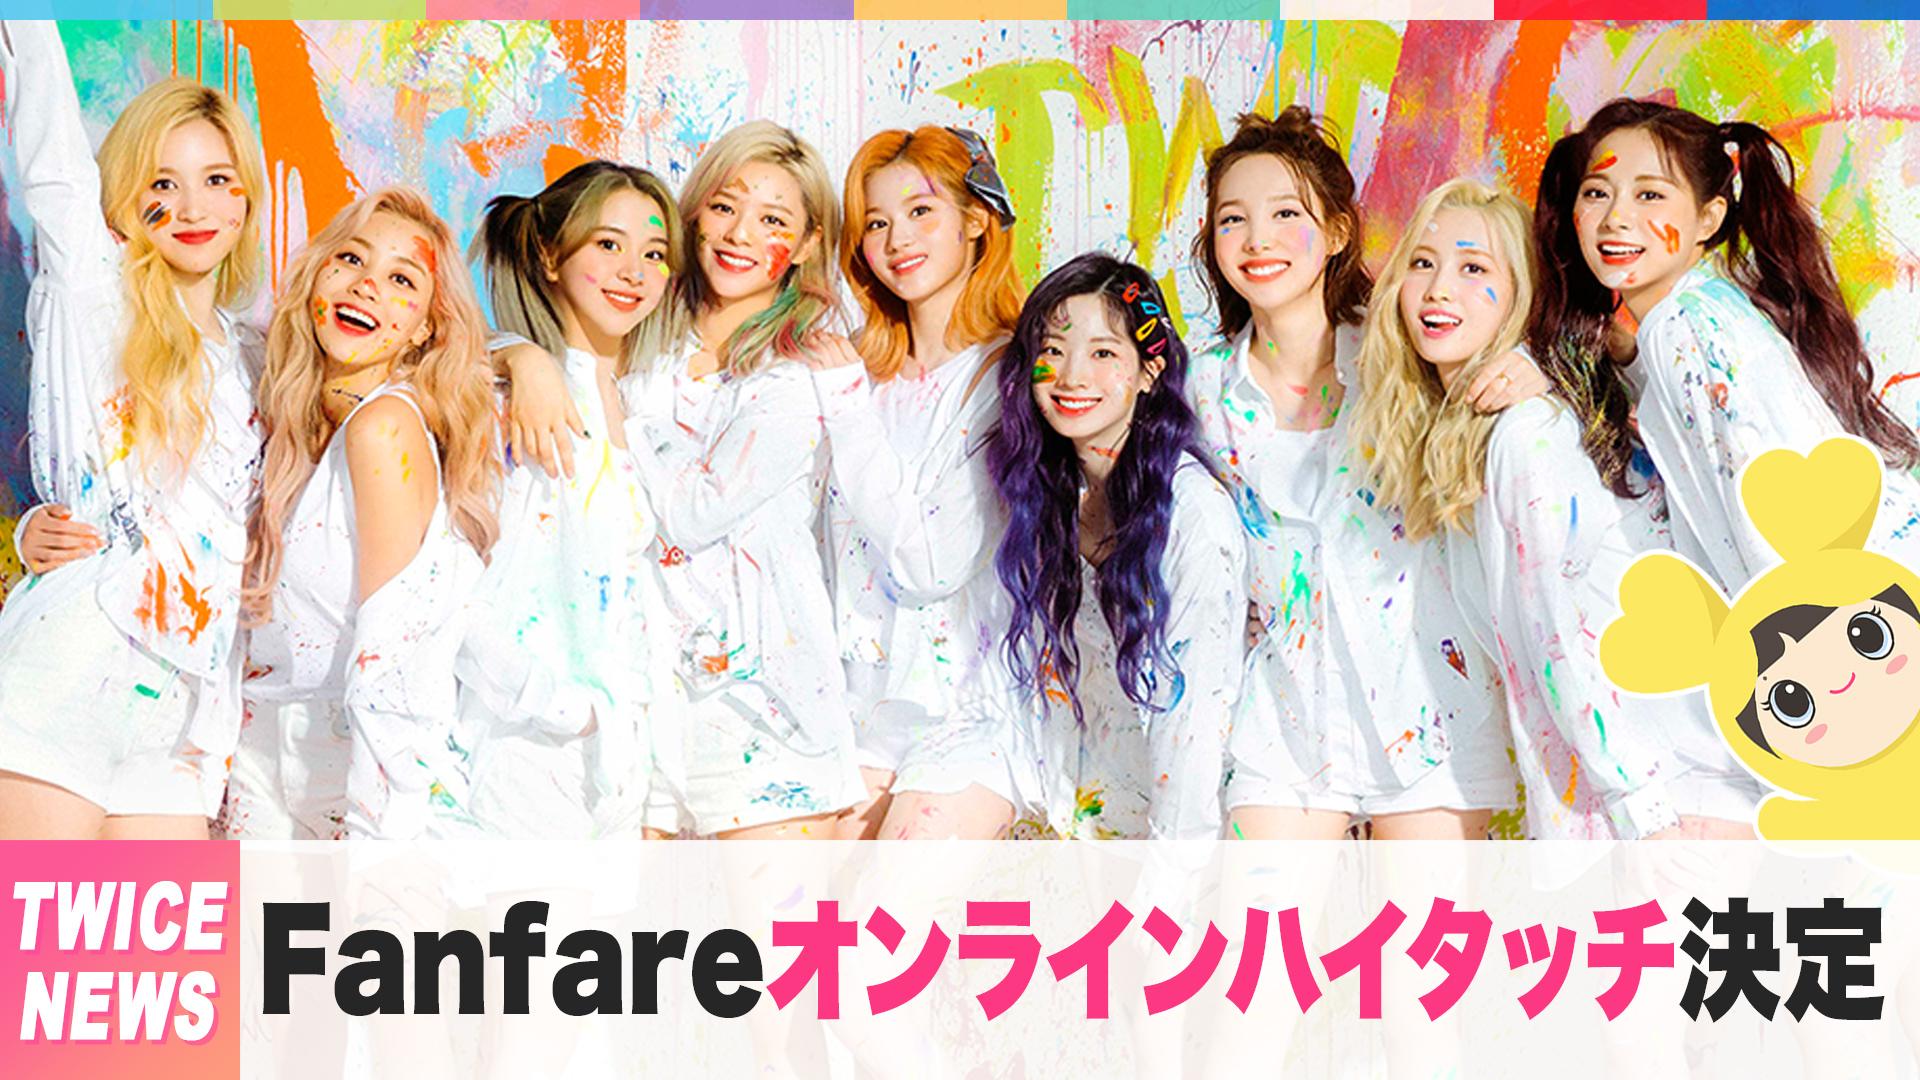 TWICE Fanfare(ファンファーレ)オンラインハイタッチ会決定!